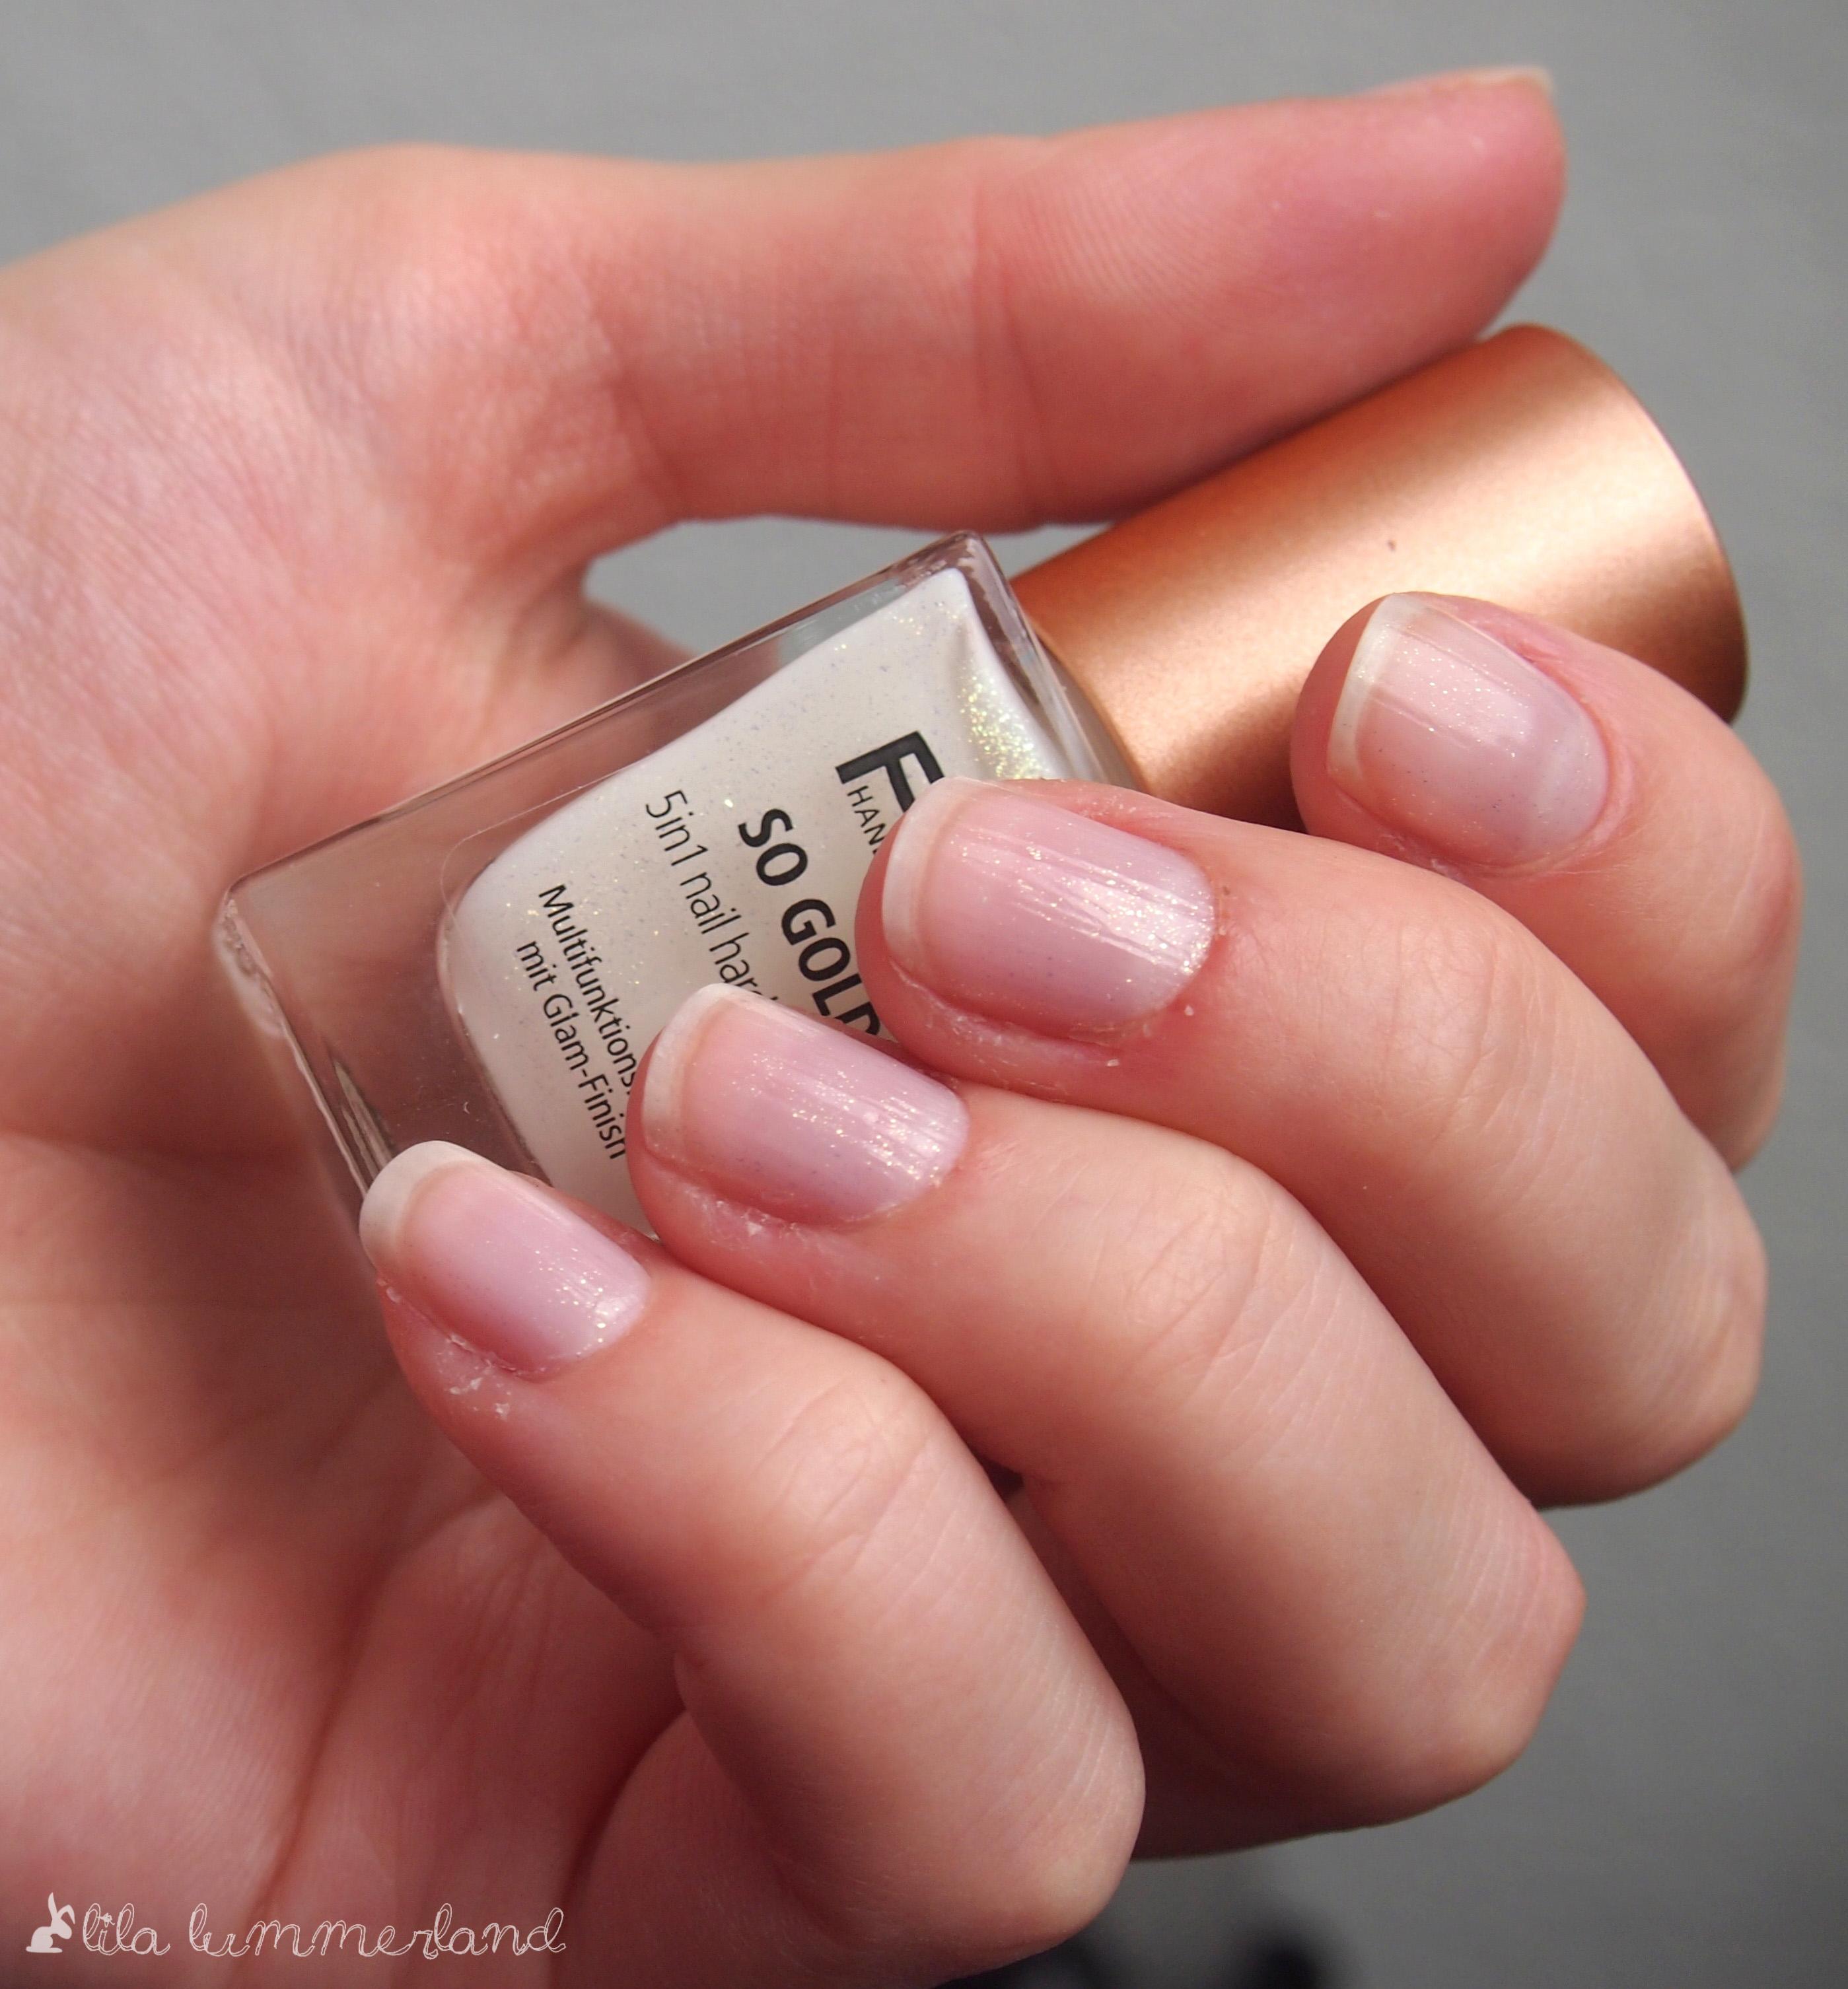 p2 SO GOLD 5in1 nail hardener